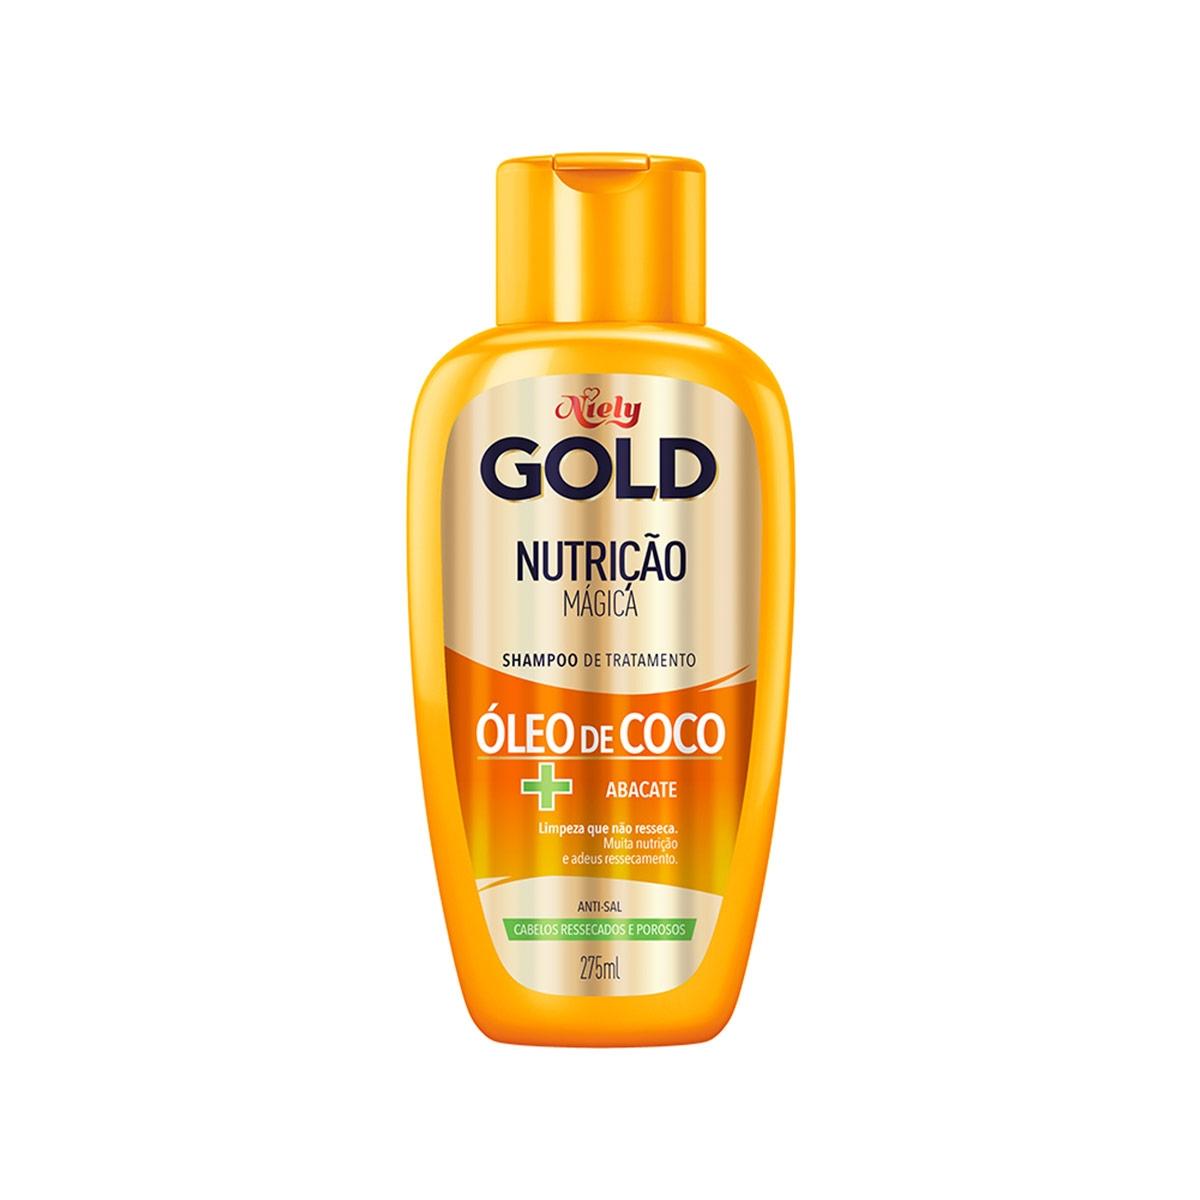 Shampoo Niely Gold Nutrição Mágica com 275ml 275ml